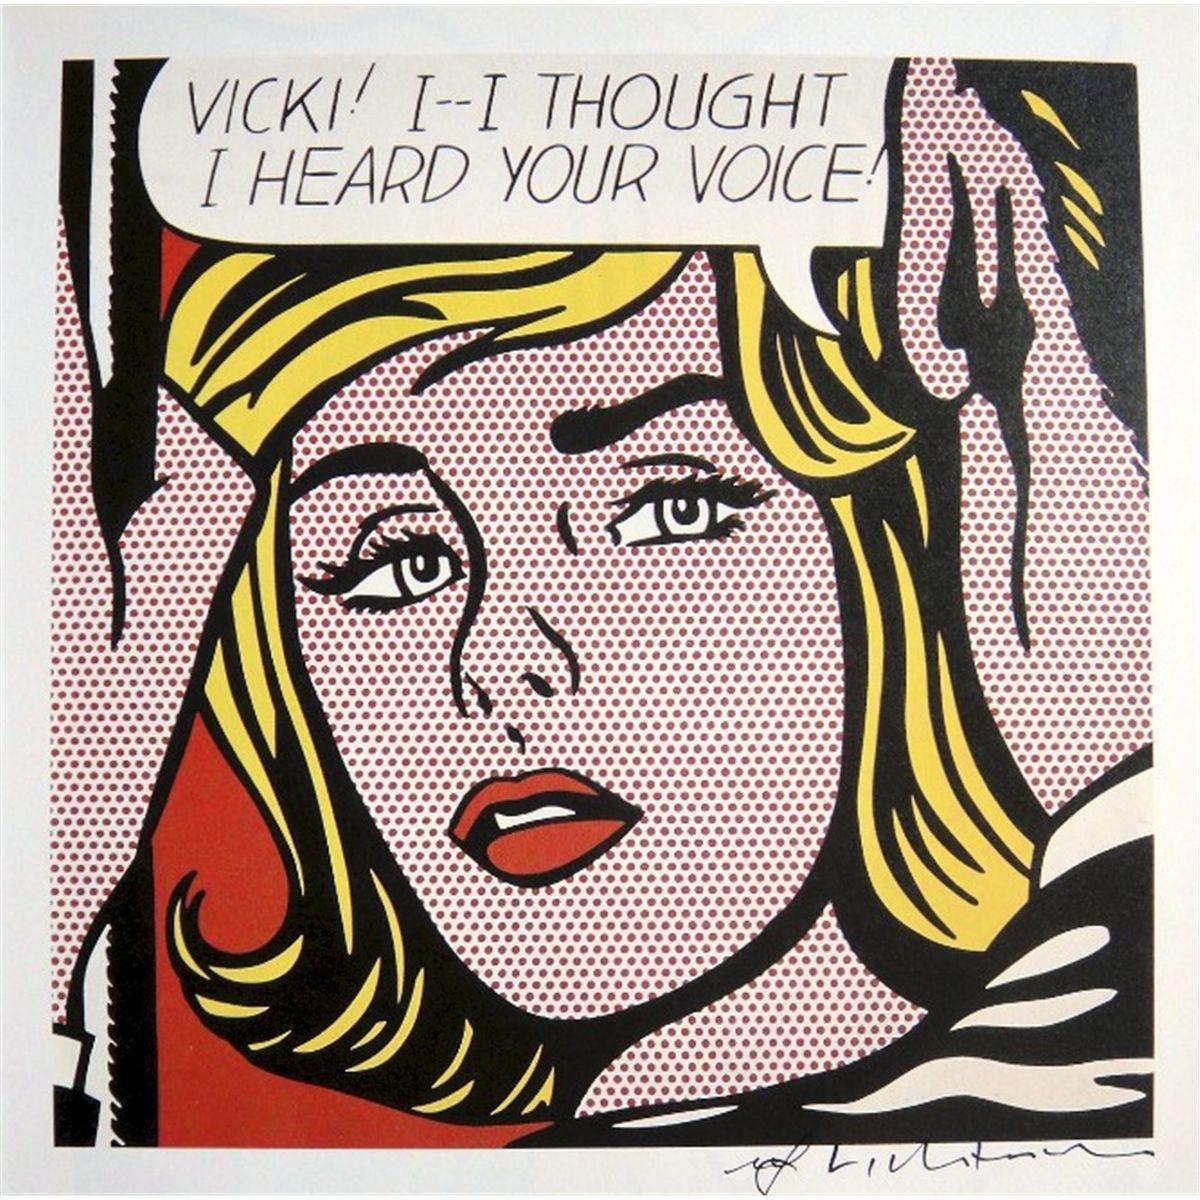 Roy Lichtenstein - Vicki (1964)